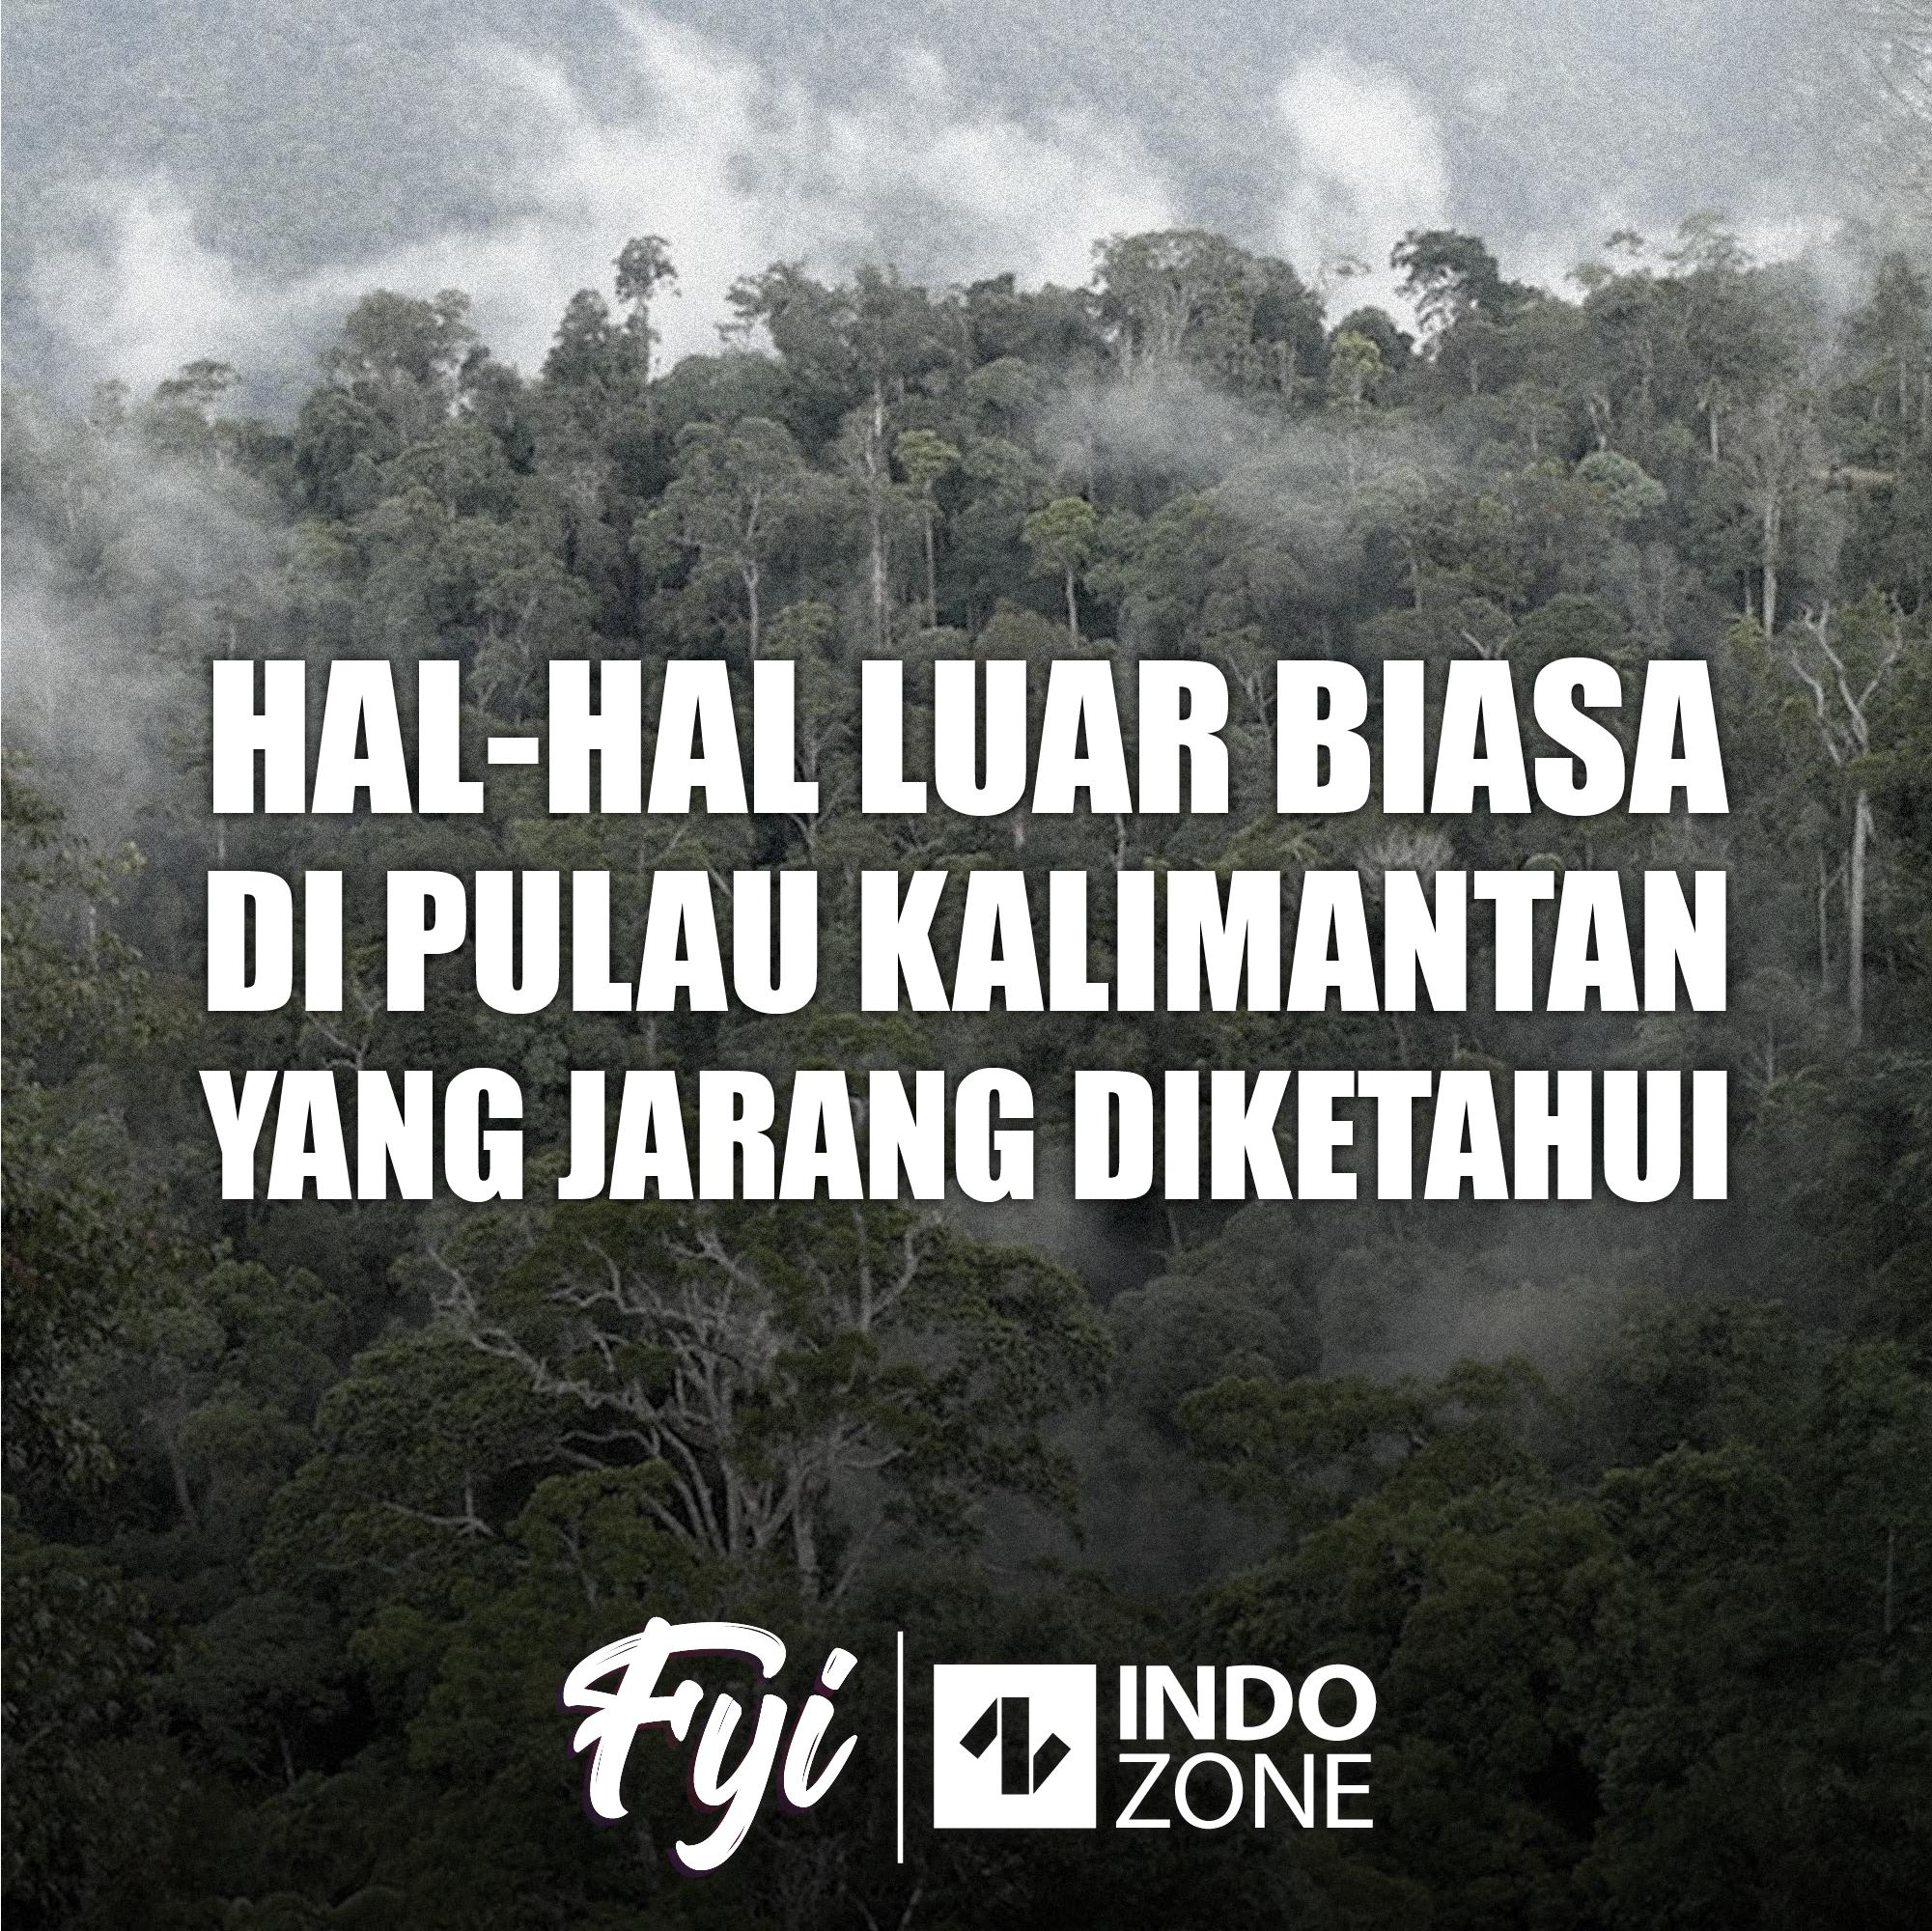 Hal-Hal Luar Biasa di Pulau Kalimantan yang Jarang Diketahui